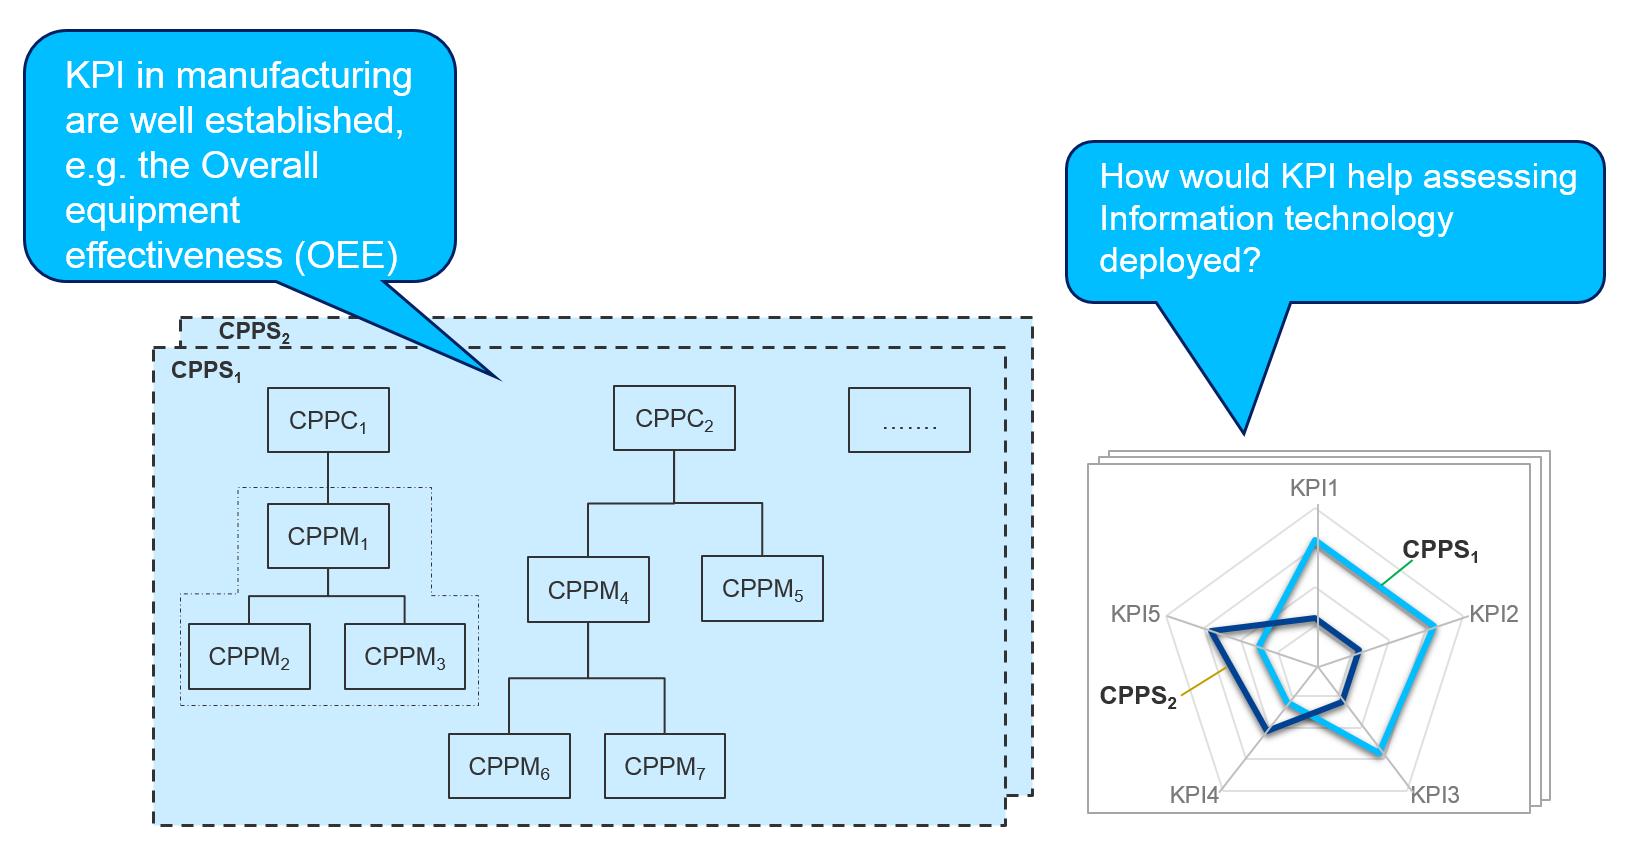 KPIs messen, wie gut eine Organisation Fortschritte bei der Erreichung von bestimmten Zielen macht.